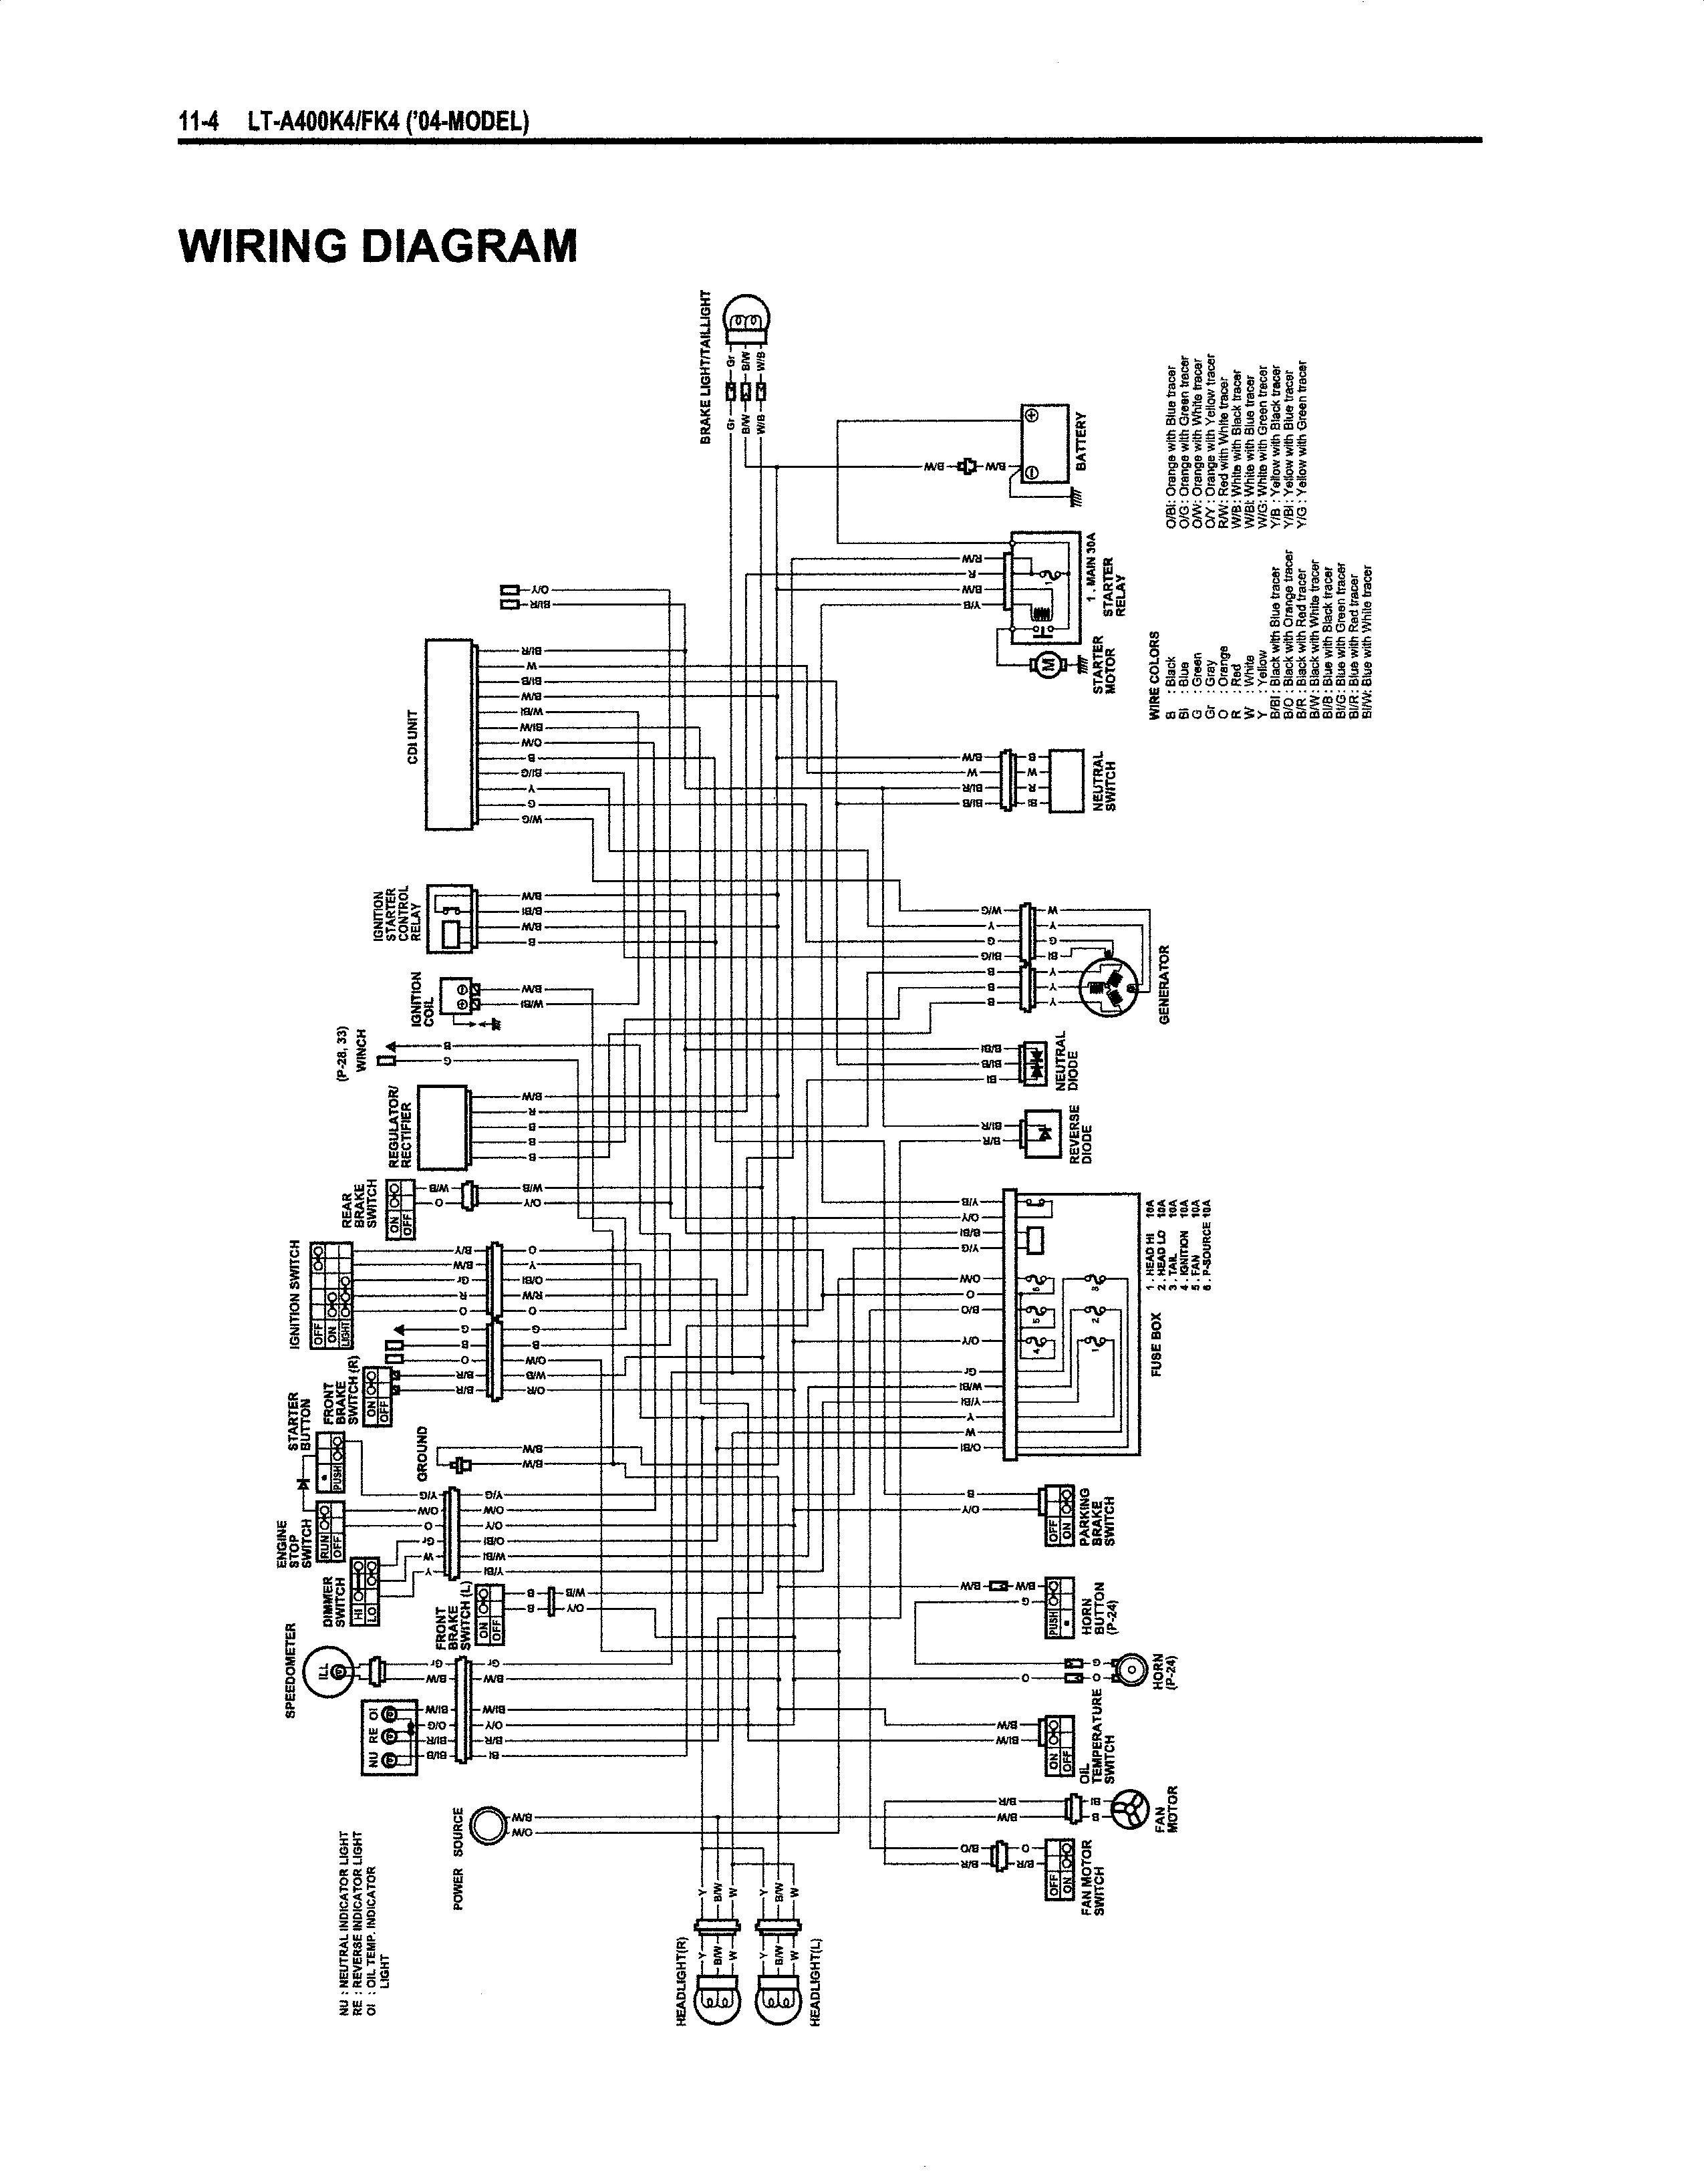 wiring diagram suzuki eiger 400 2007 suzuki 400 4x4 wiring diagram wiring diagram schematics  suzuki 400 4x4 wiring diagram wiring